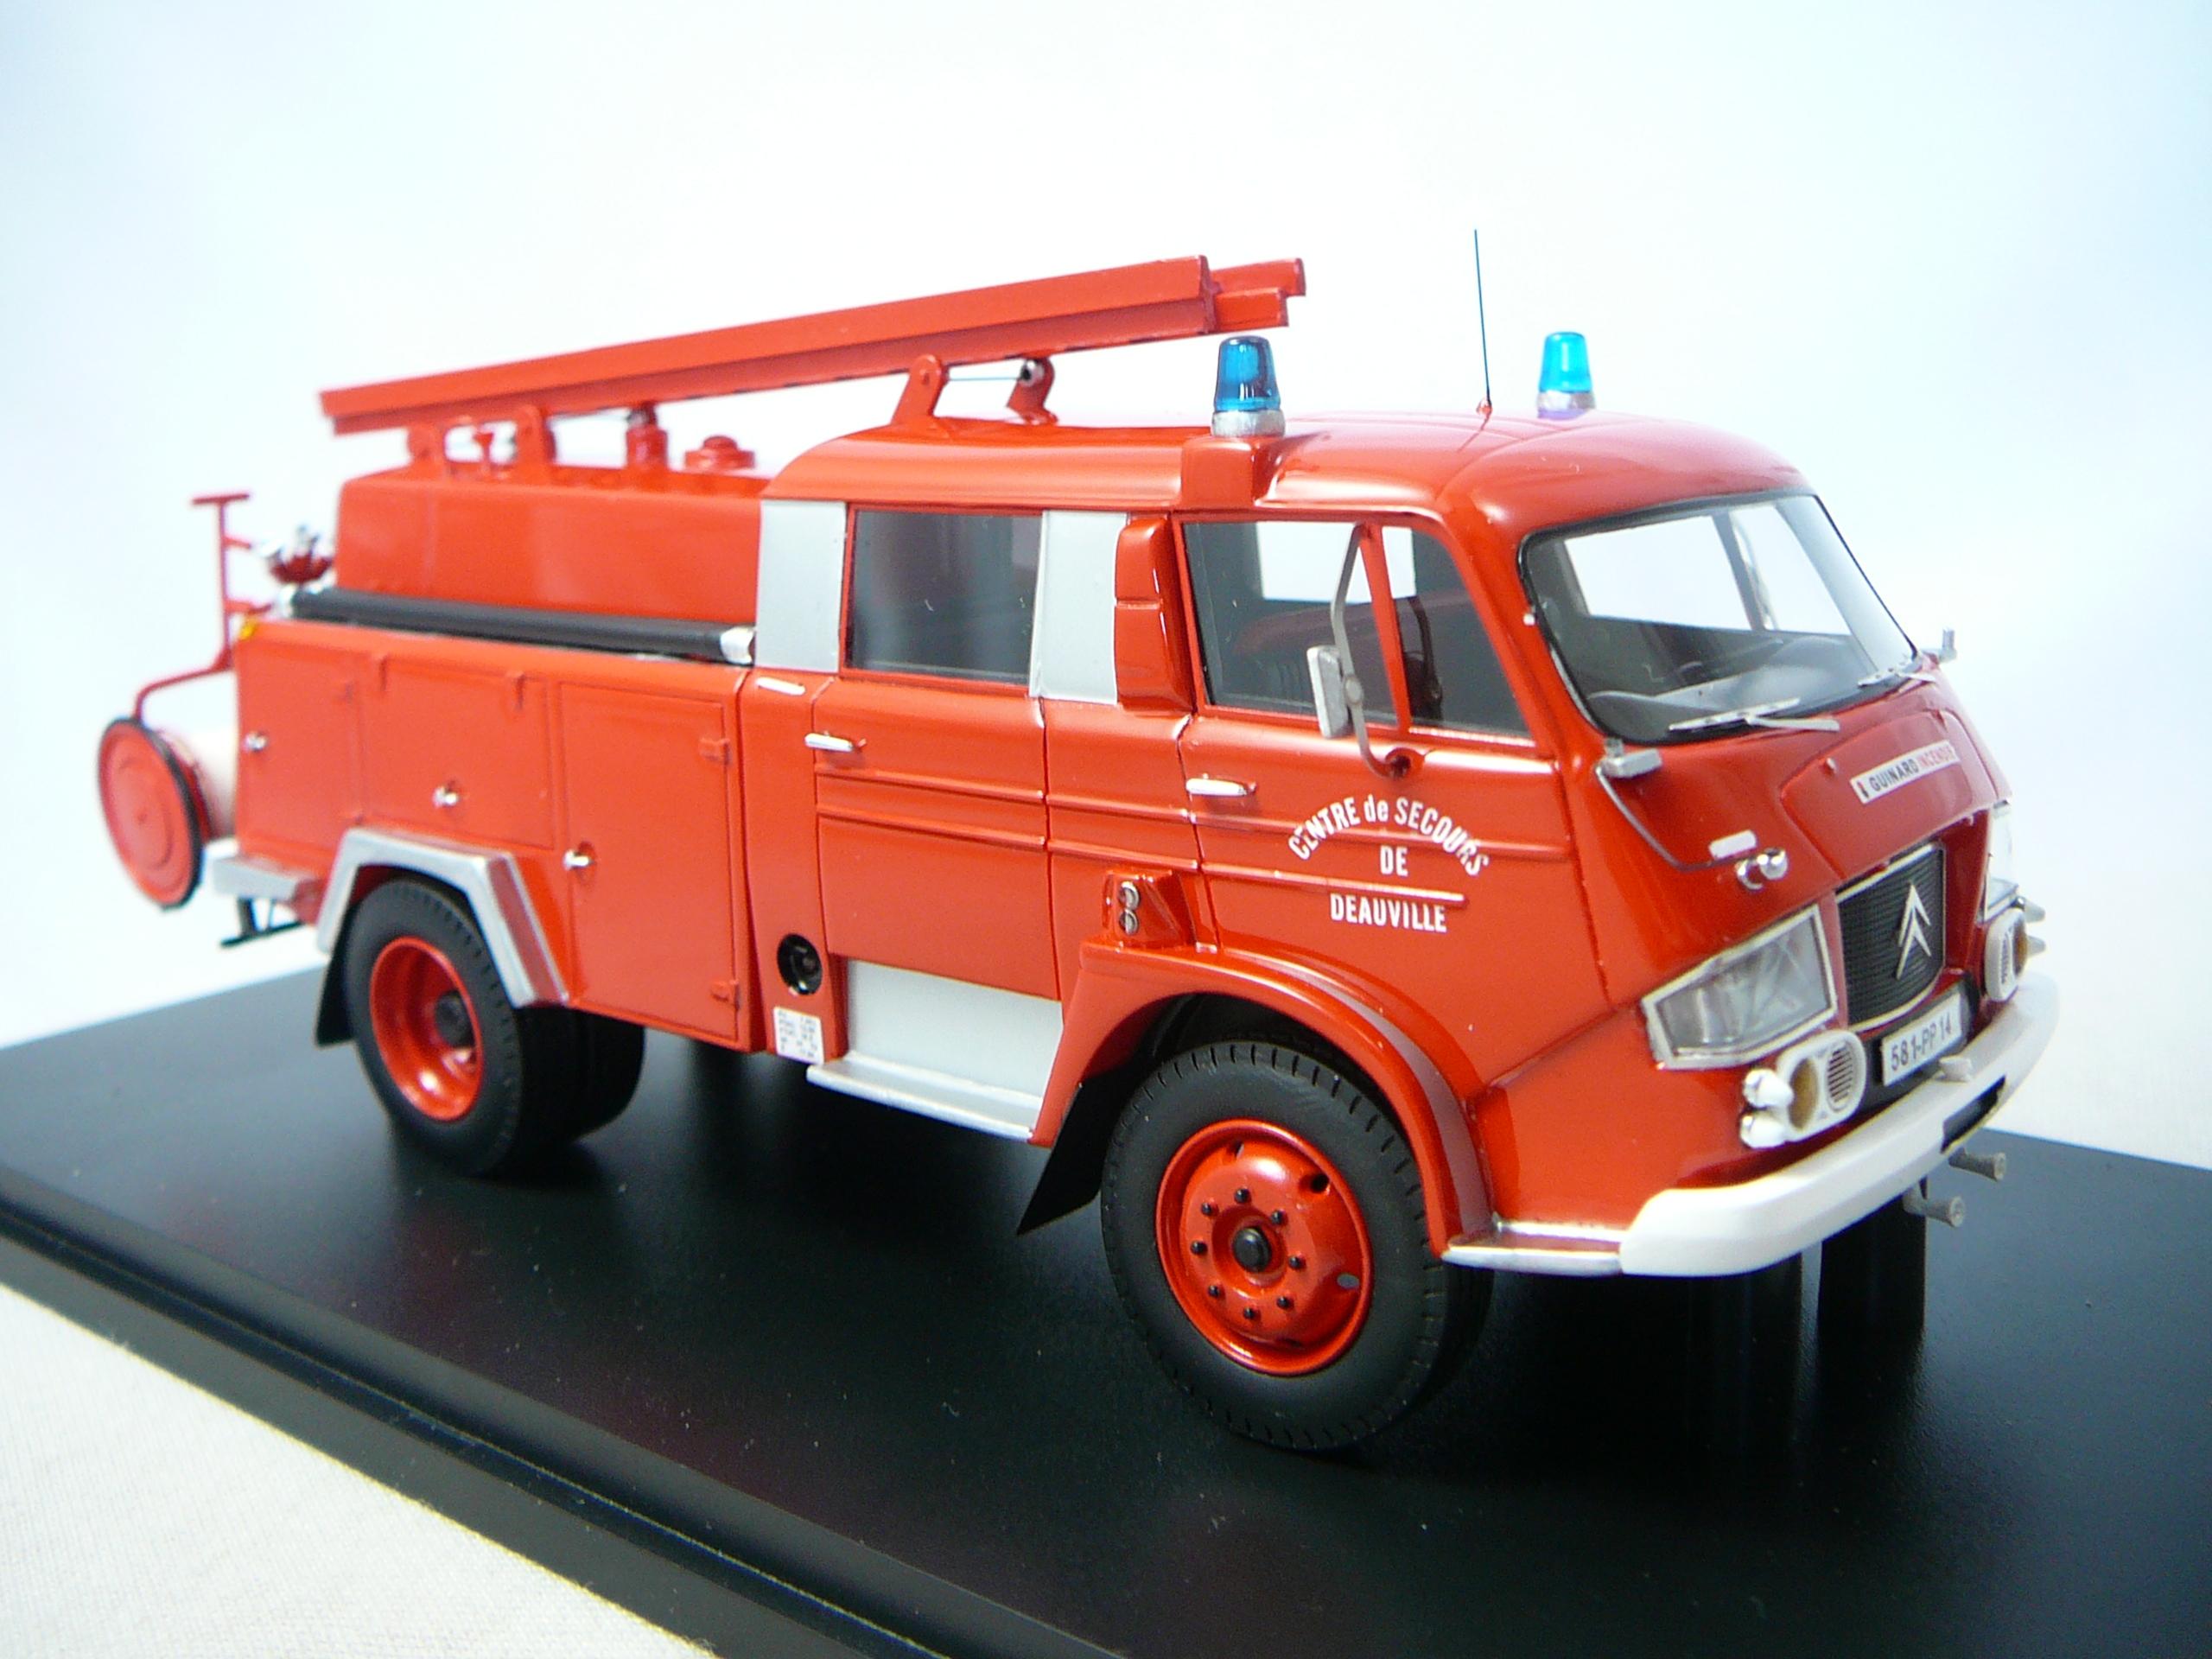 Citroen 700 Fpt Guinard Pompiers 14 Deauville Miniature 1